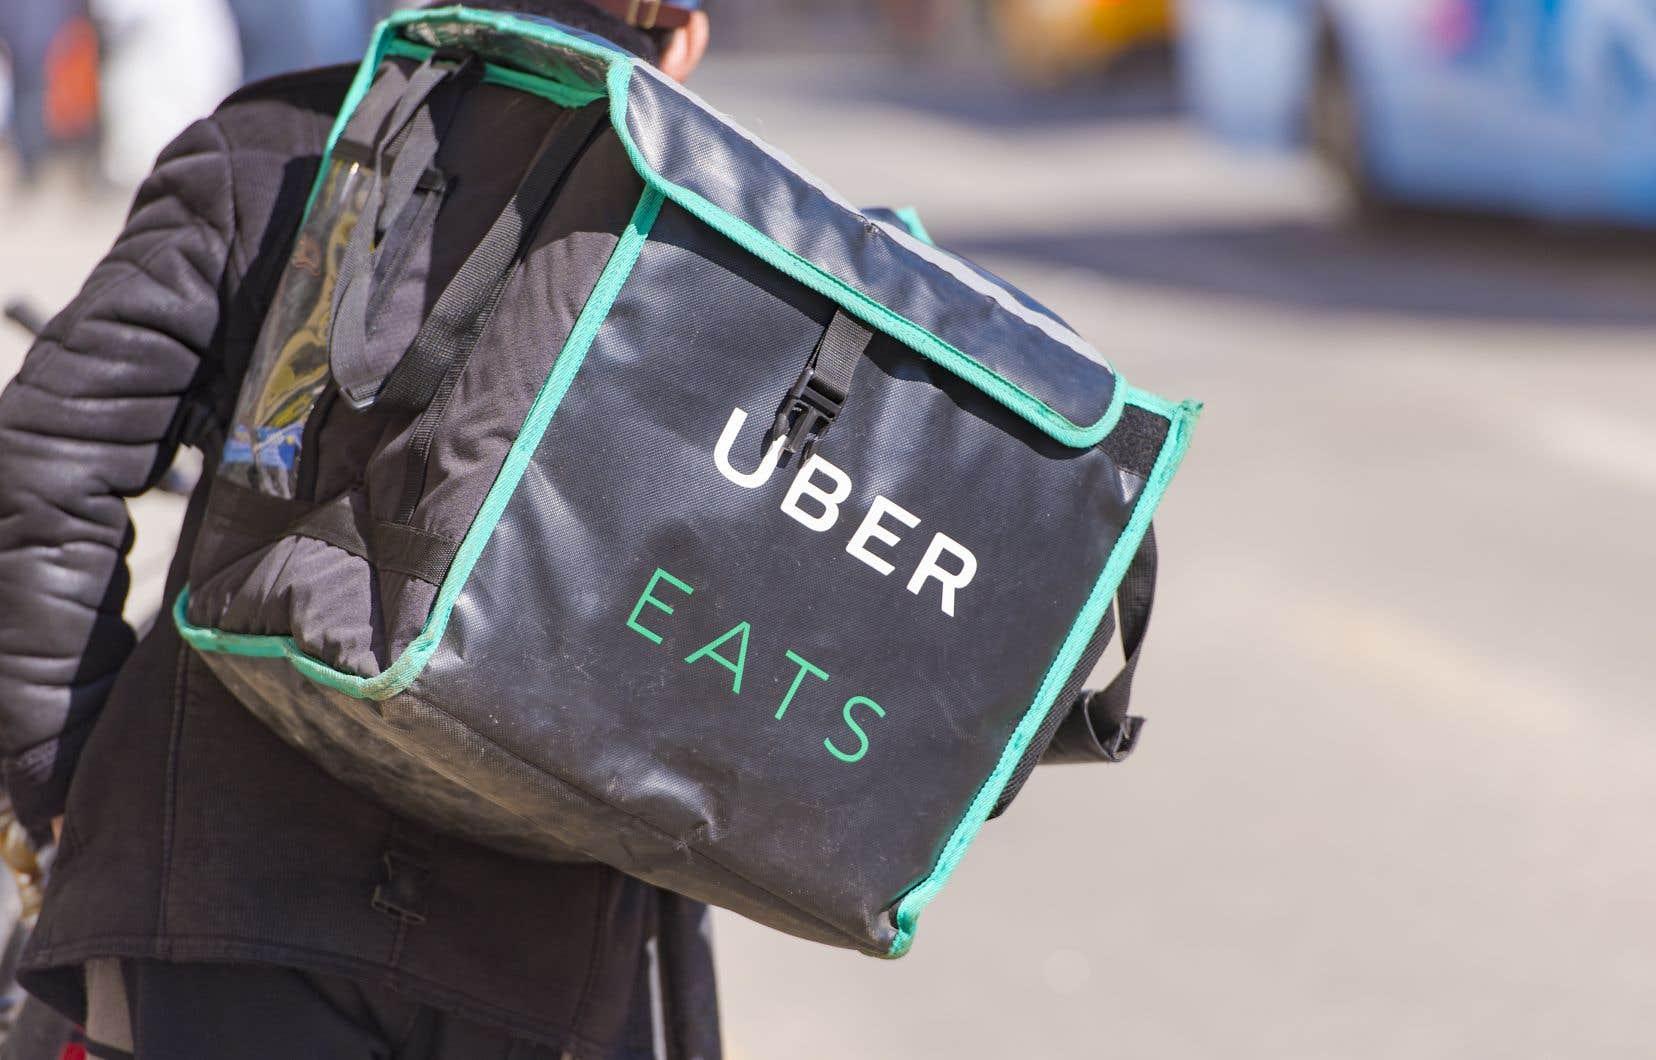 Les abonnés du programme de passe Uber Eats pourraient devoir payer une taxe de vente.